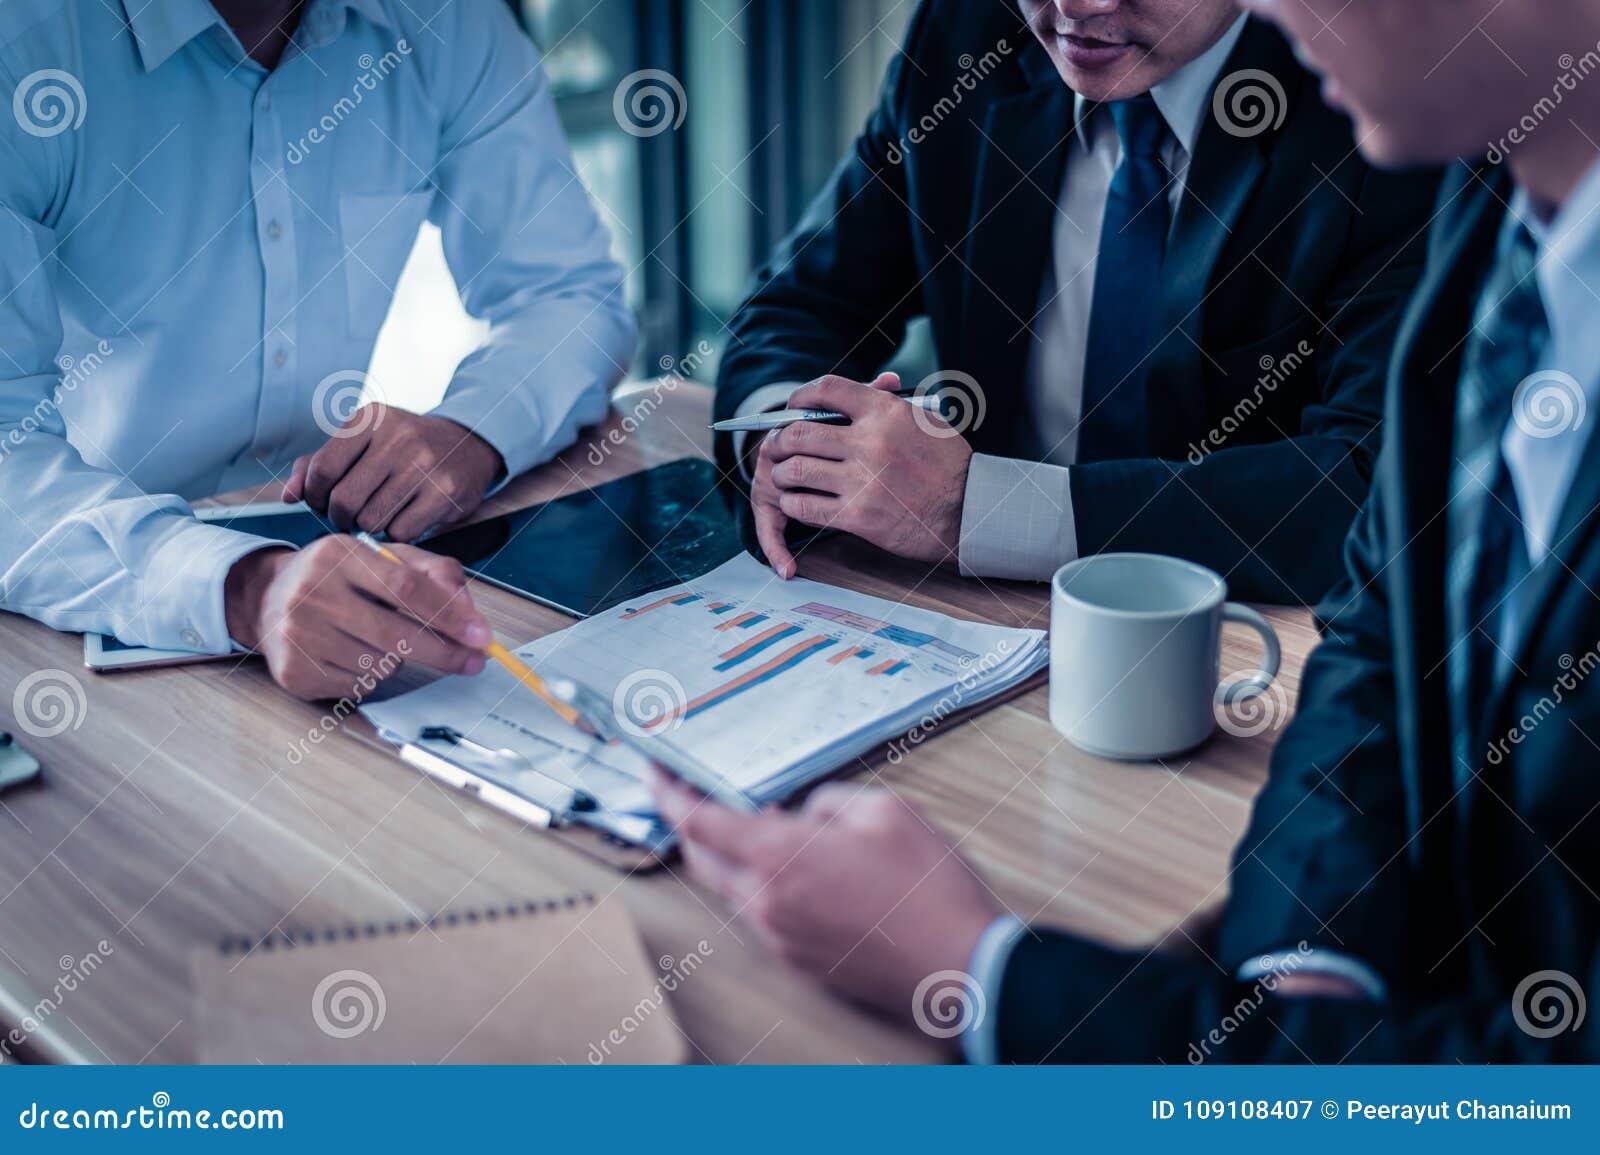 Der Geschäftsmann drei, der Diagramm im Papier betrachtet und sprechen Unternehmensplan, Marketing und über Finanz in der Zukunft